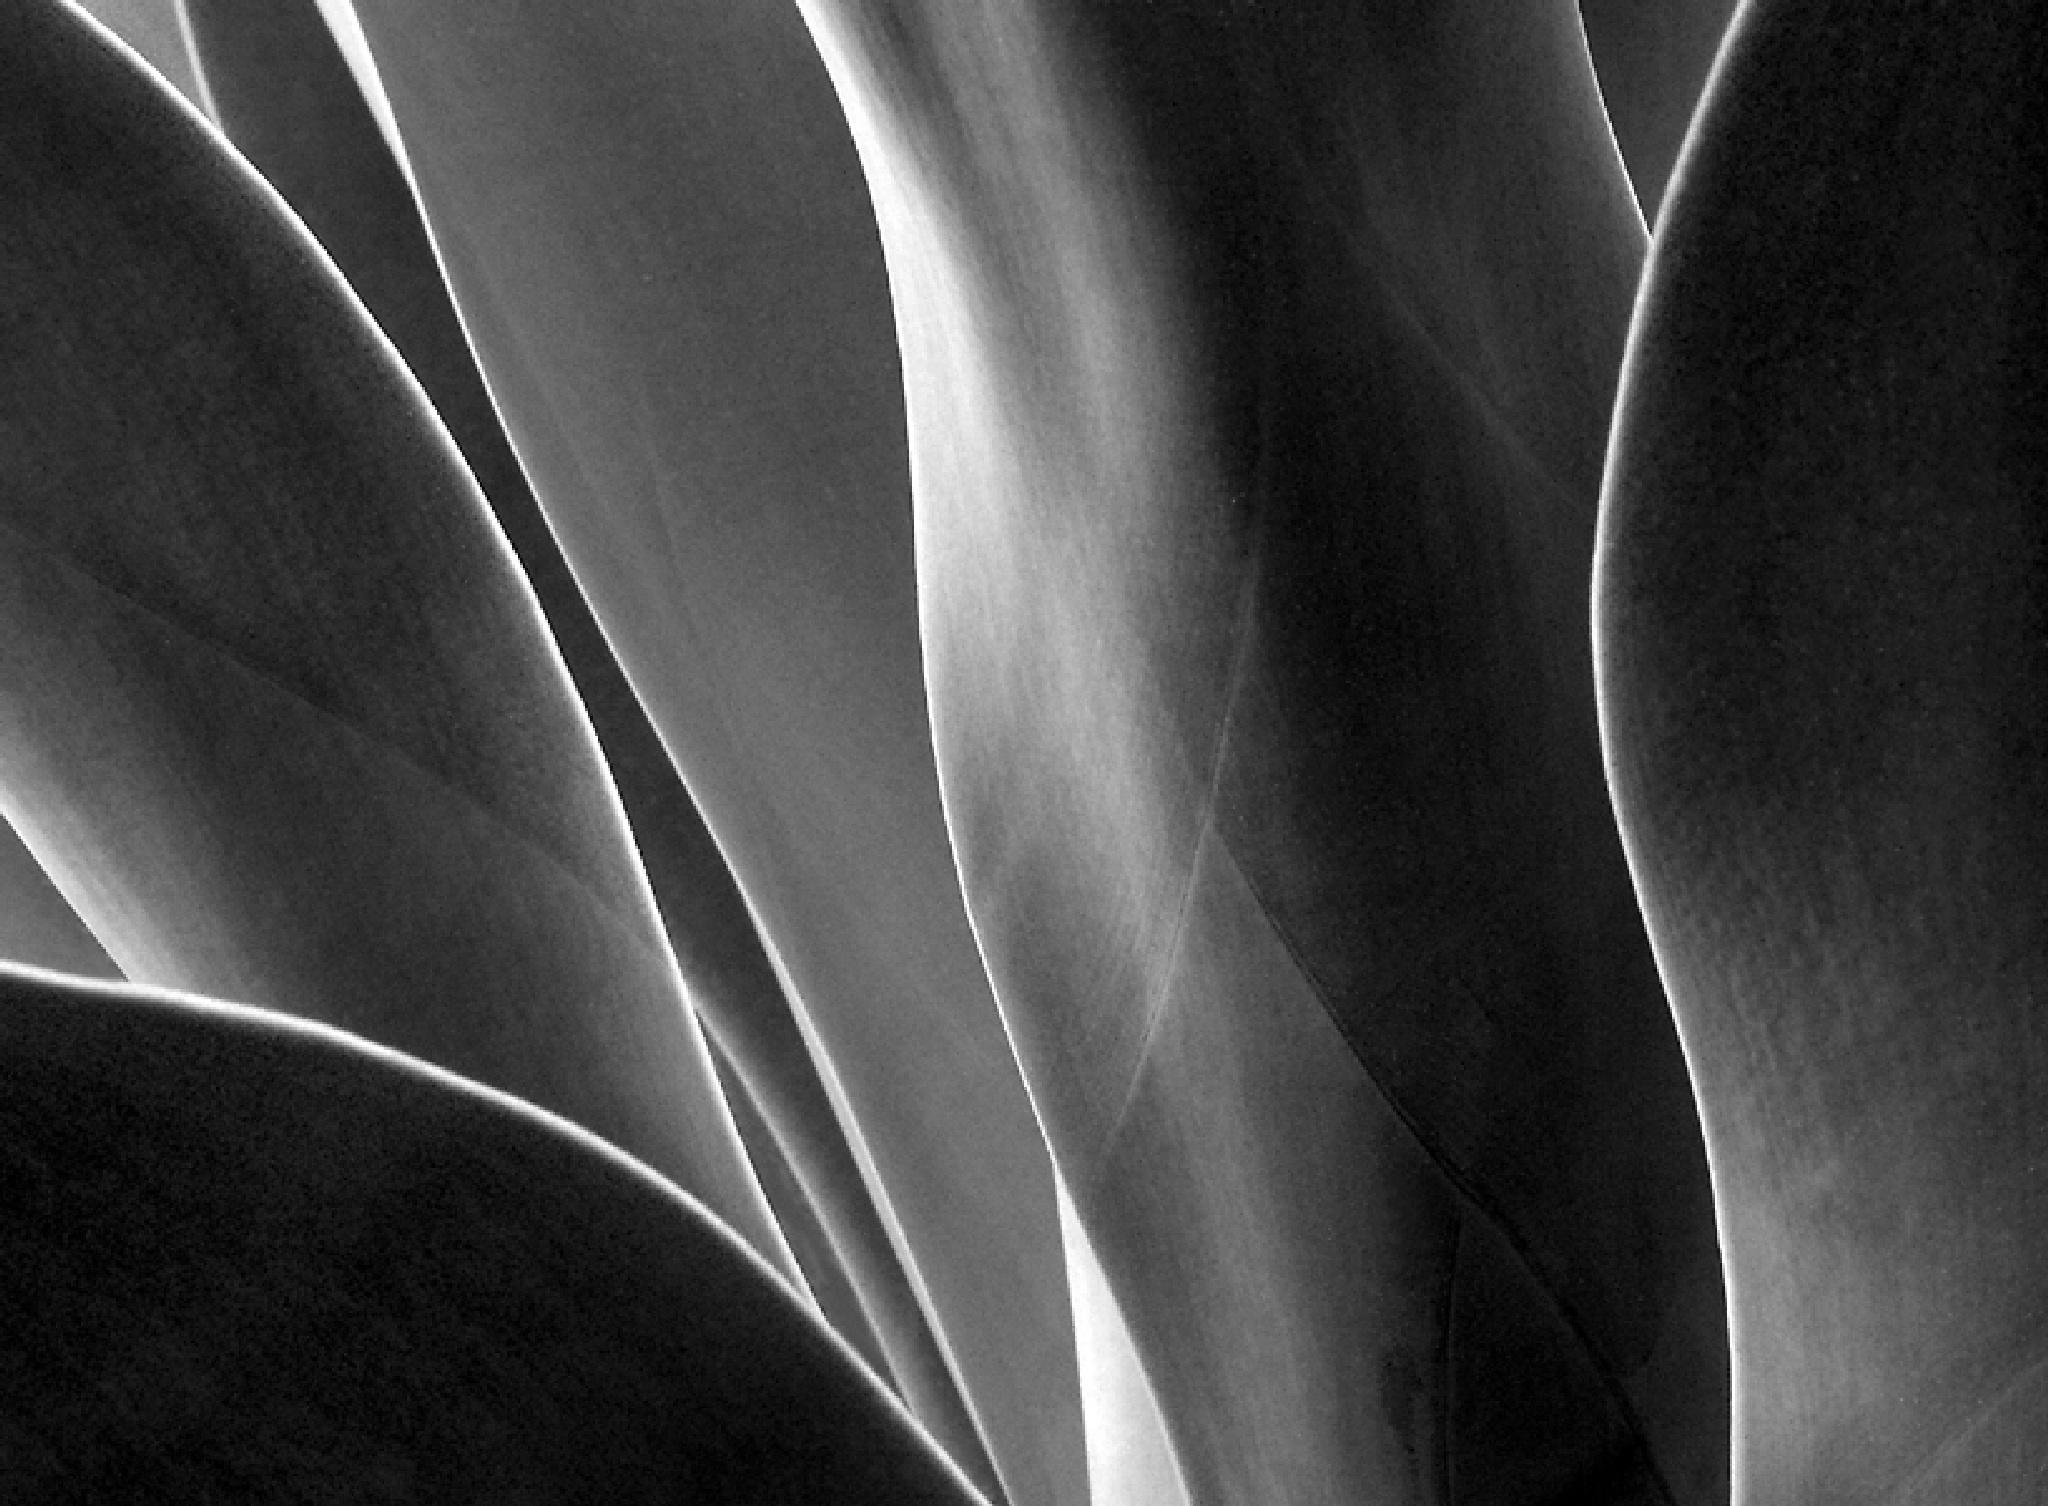 Lines by Steve Garrigues